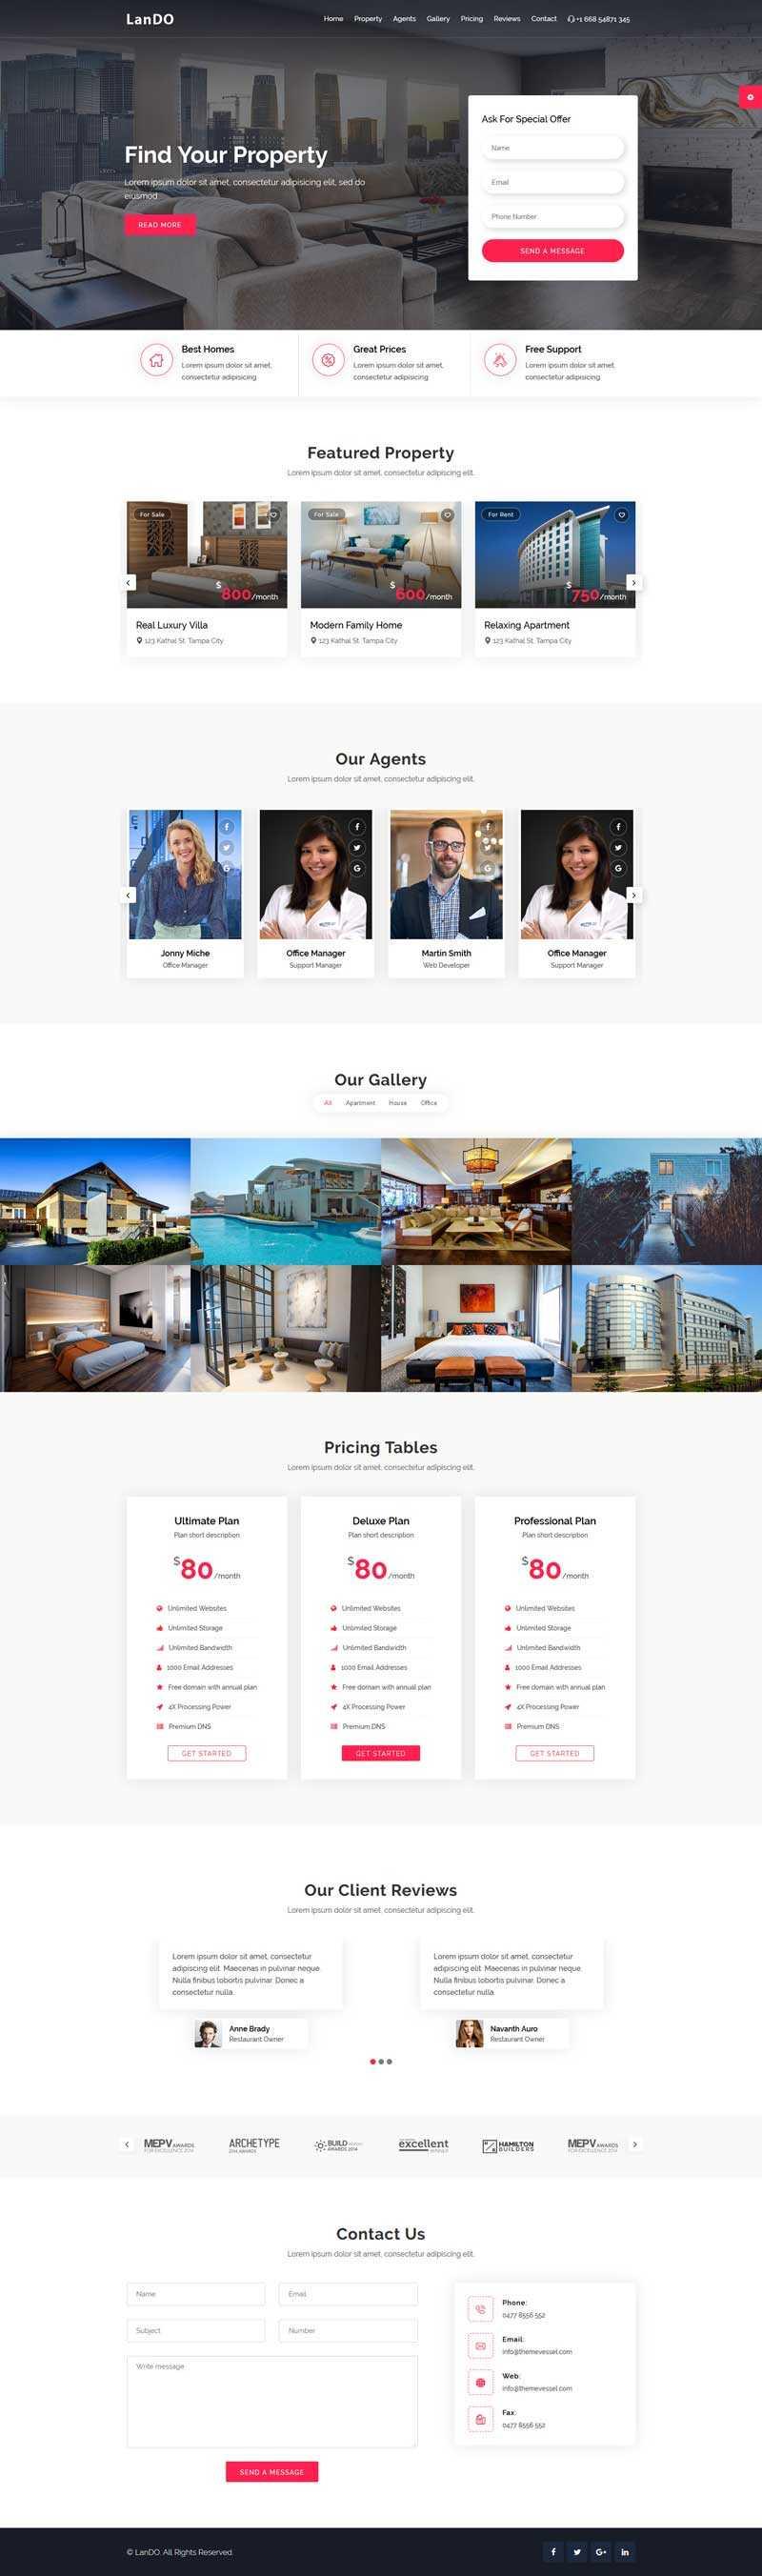 房产租赁服务介绍单页模板